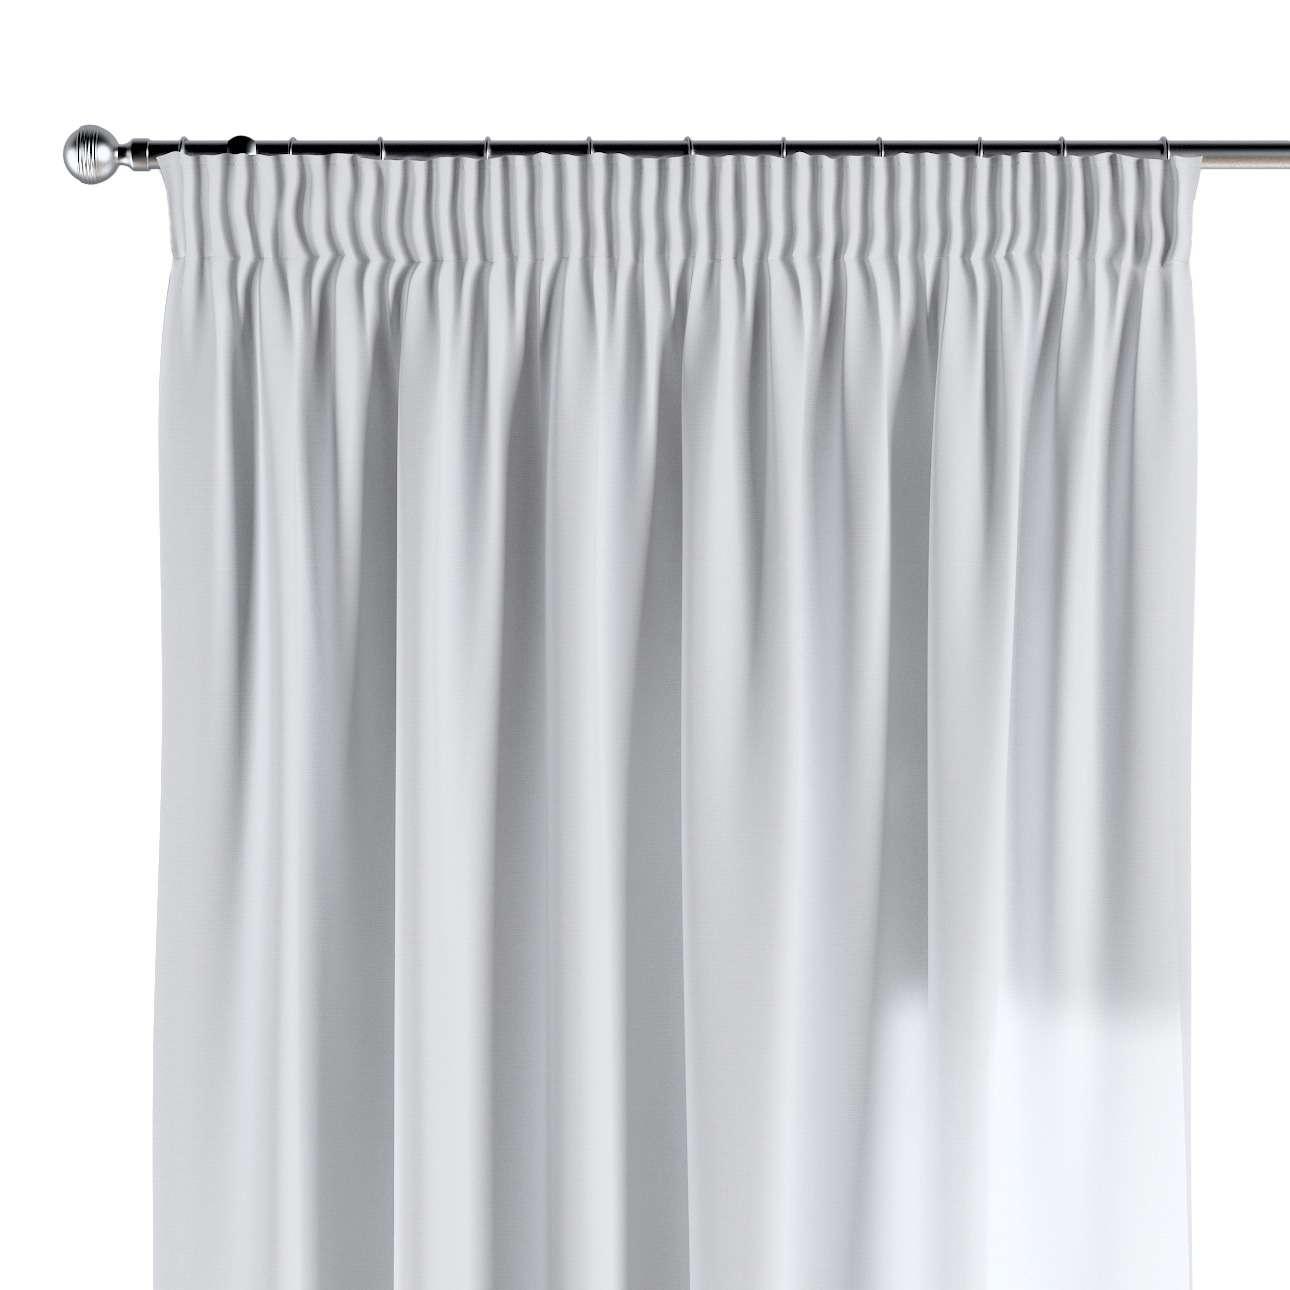 Vorhang mit Kräuselband von der Kollektion Loneta, Stoff: 133-02